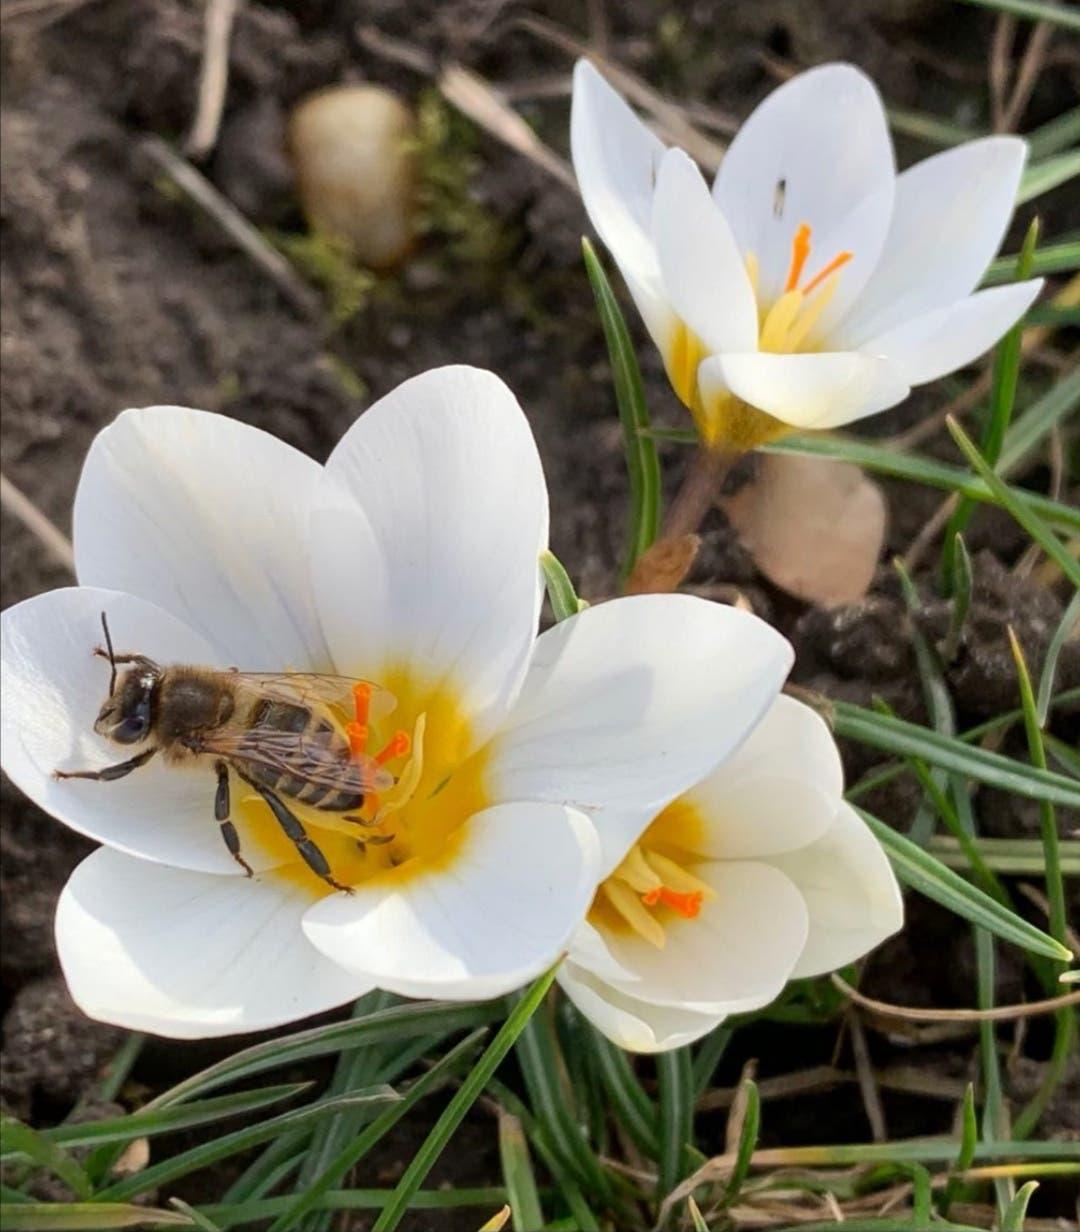 Ein besonders schönes Frühlingsbild aus Müslen, Birmenstorf. Vielen Dank dafür!